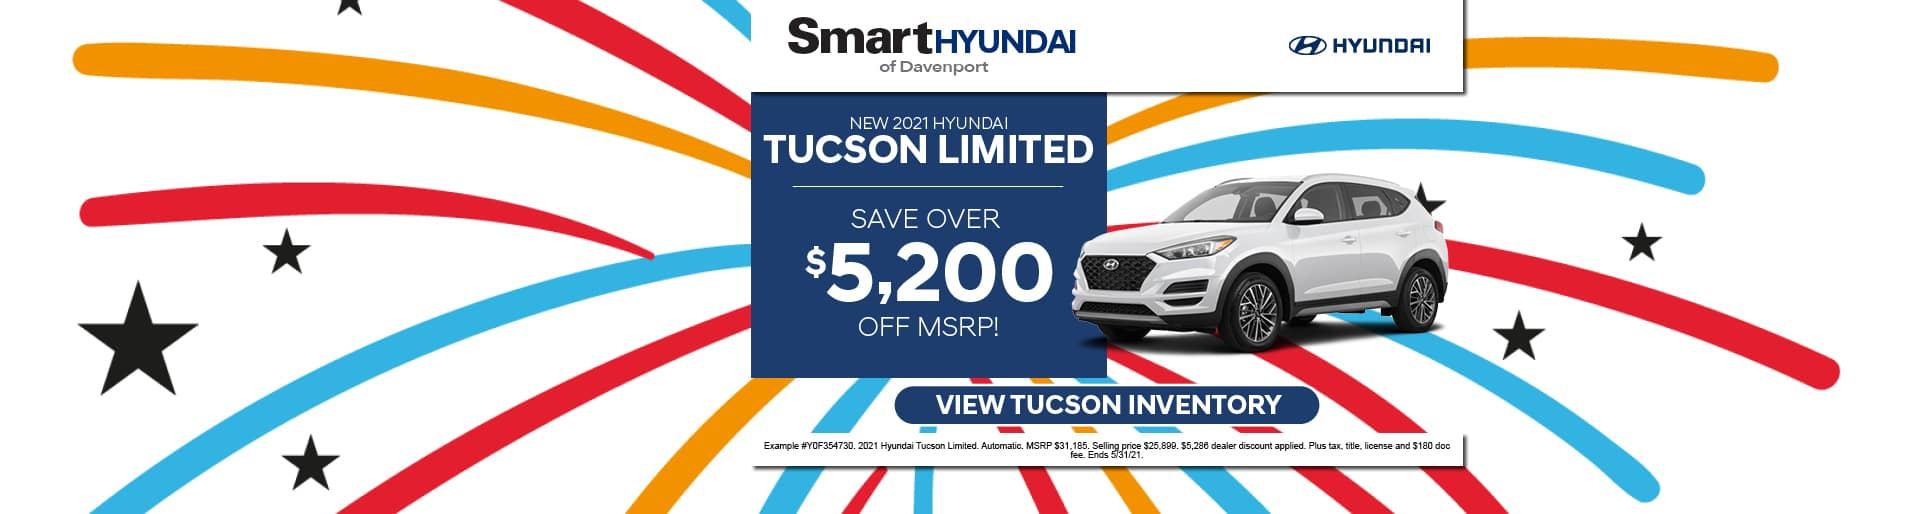 Tucson Offer